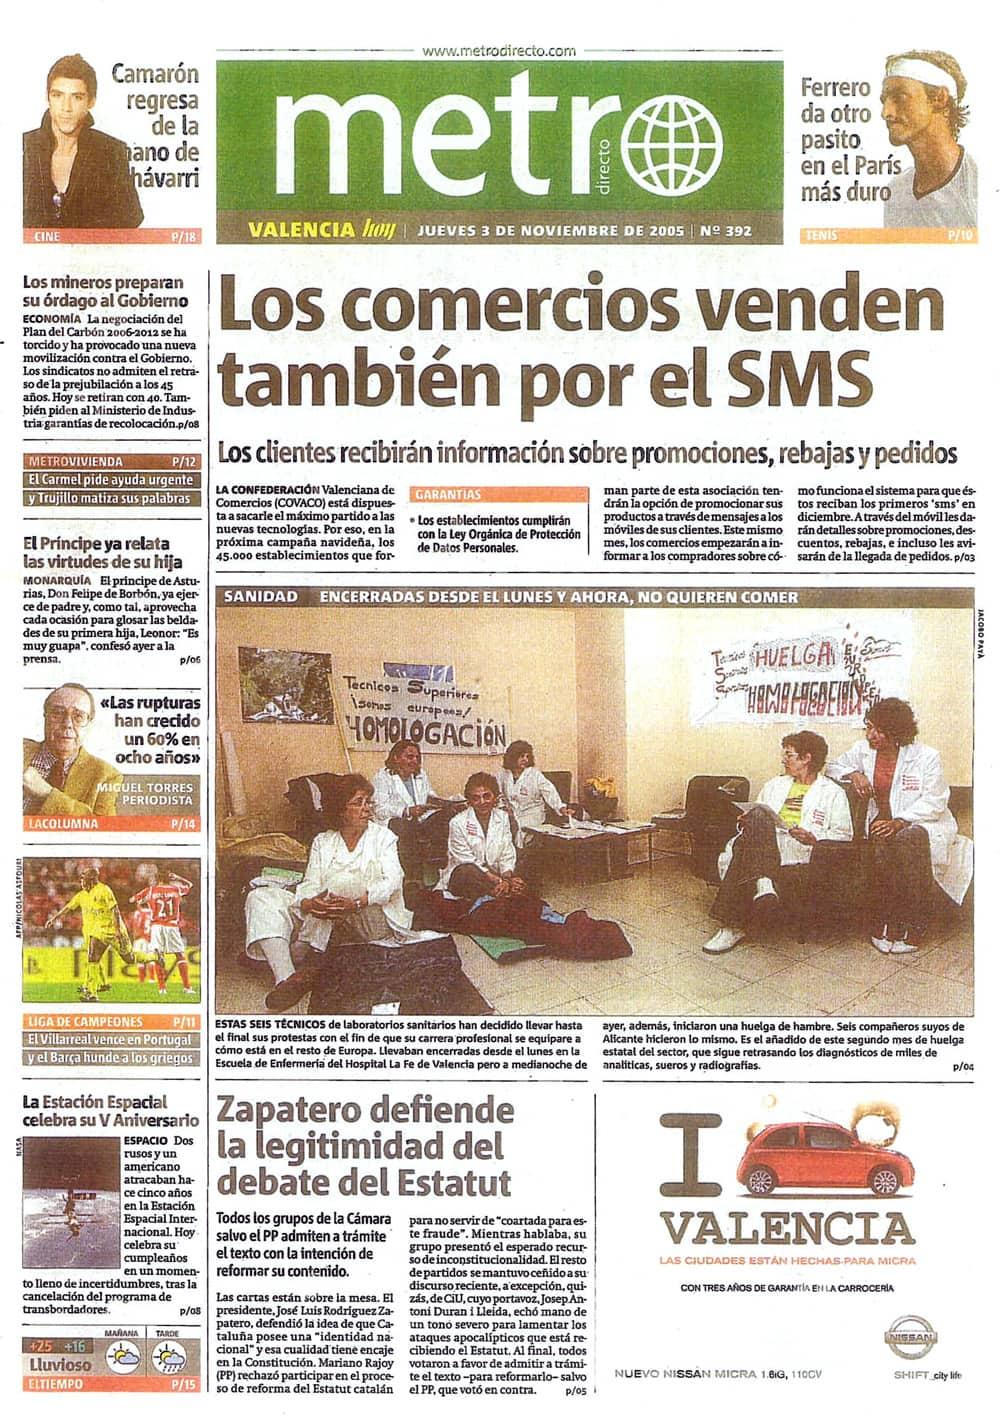 SMS Comercio